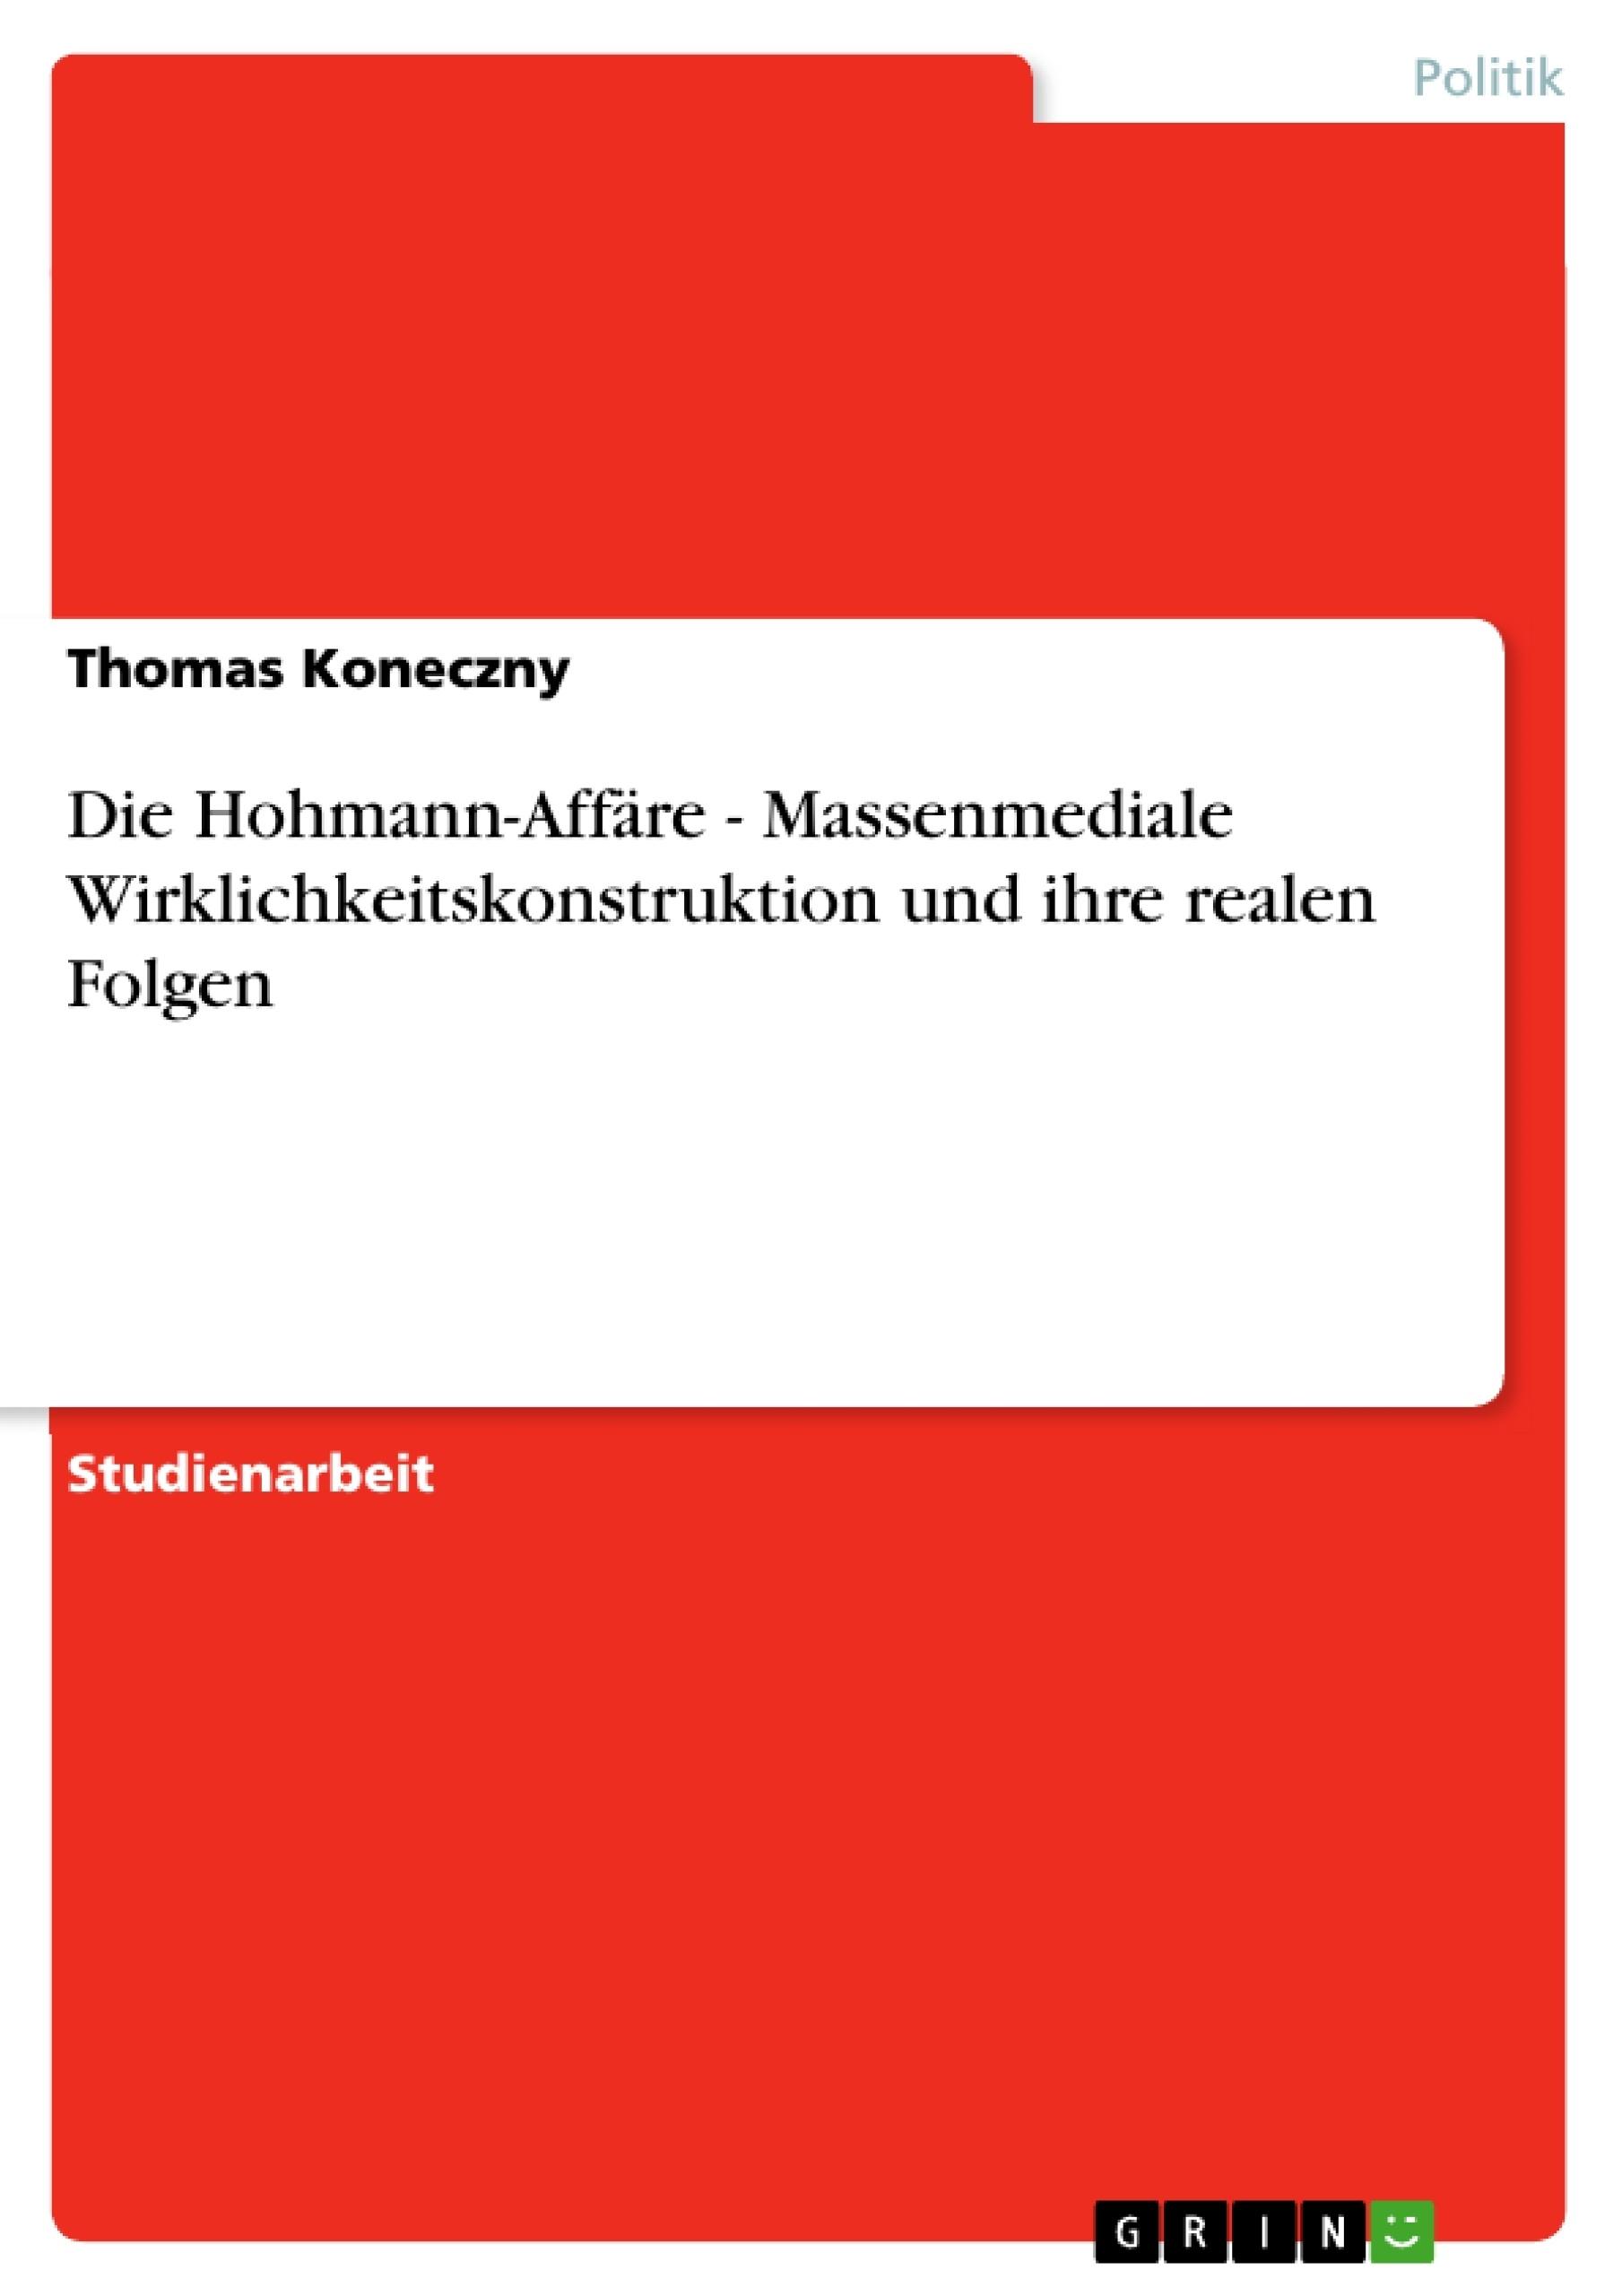 Titel: Die Hohmann-Affäre - Massenmediale Wirklichkeitskonstruktion und ihre realen Folgen